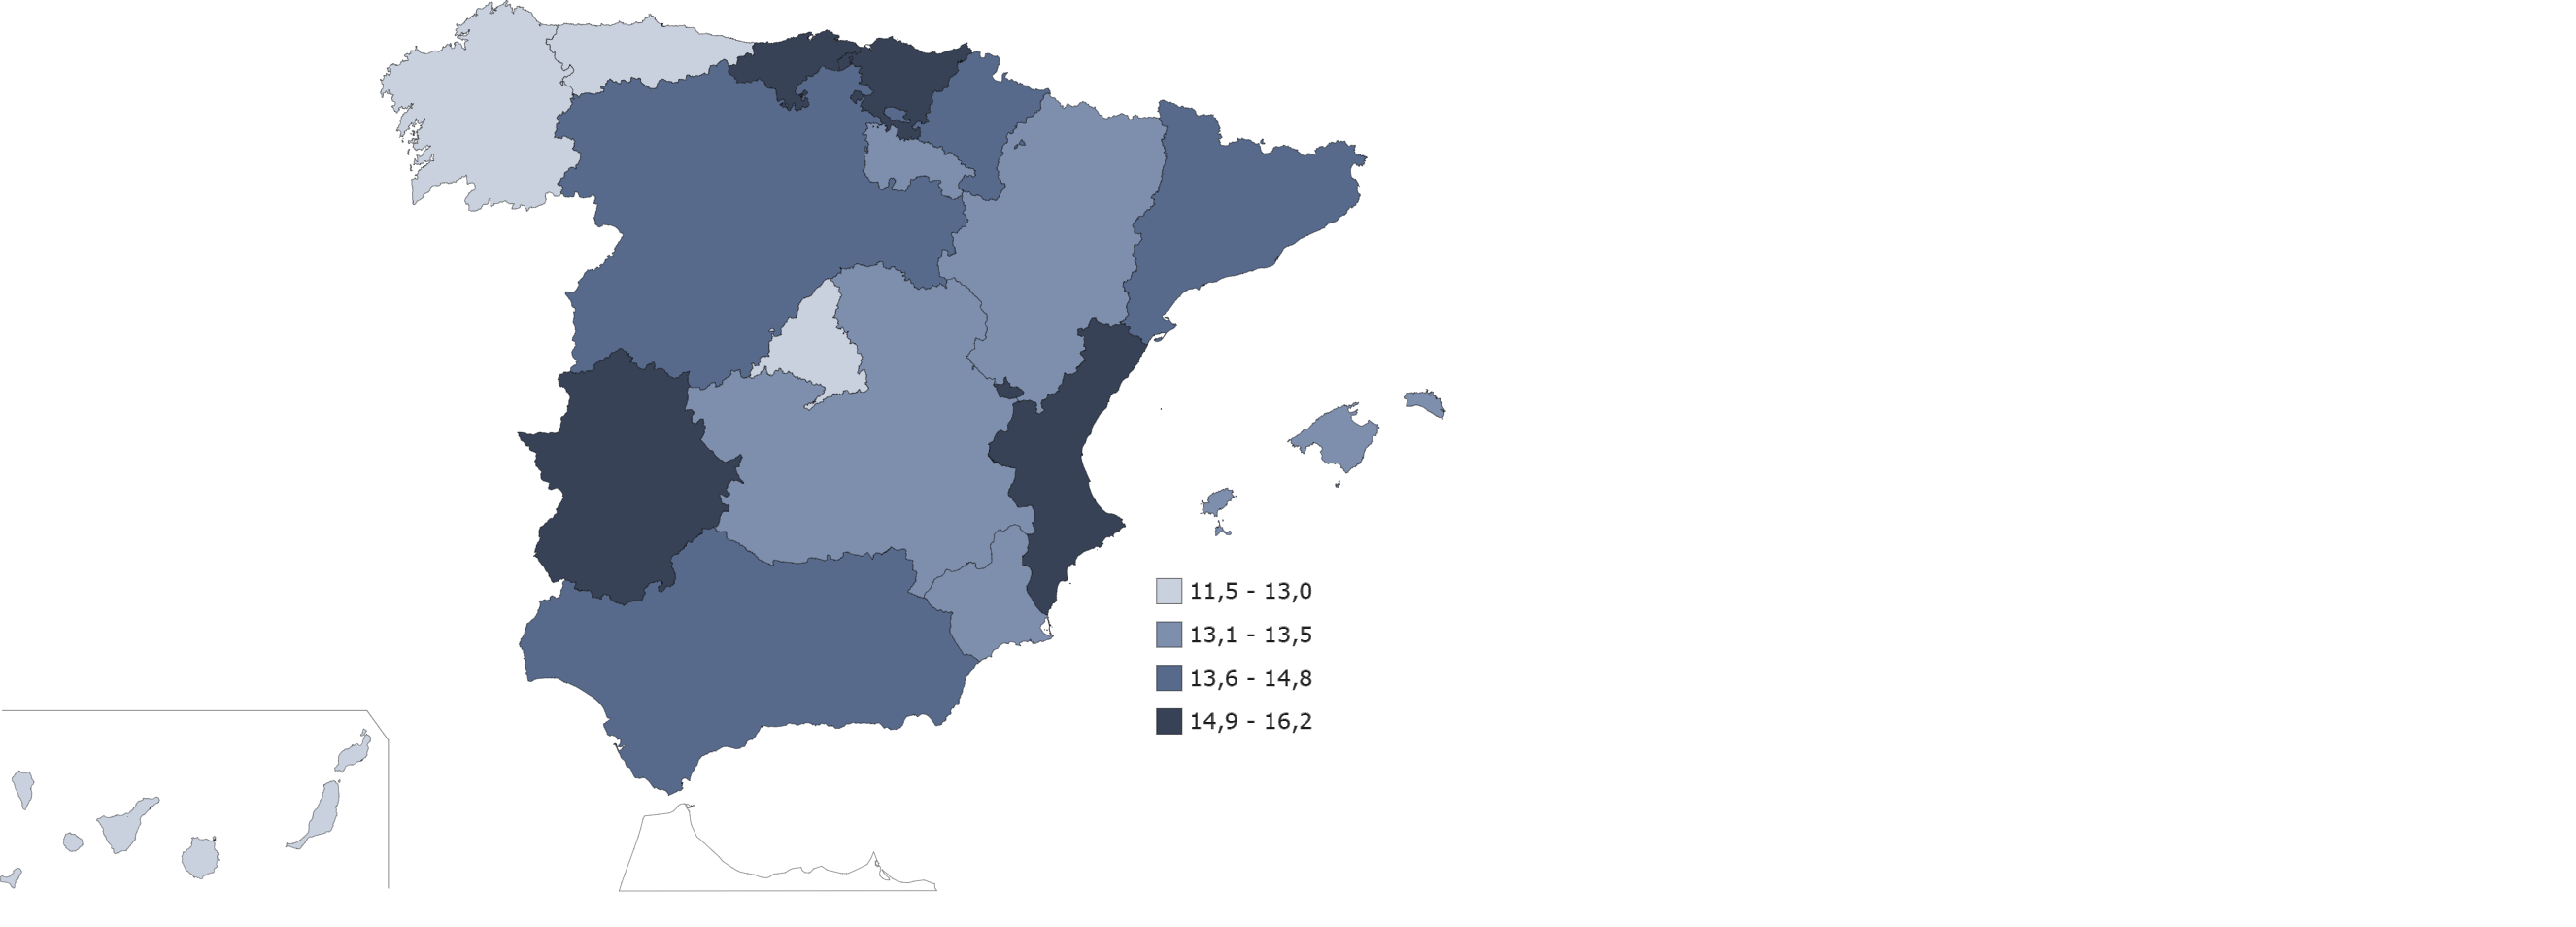 Tasa de ocupación a tiempo parcial por comunidad autónoma